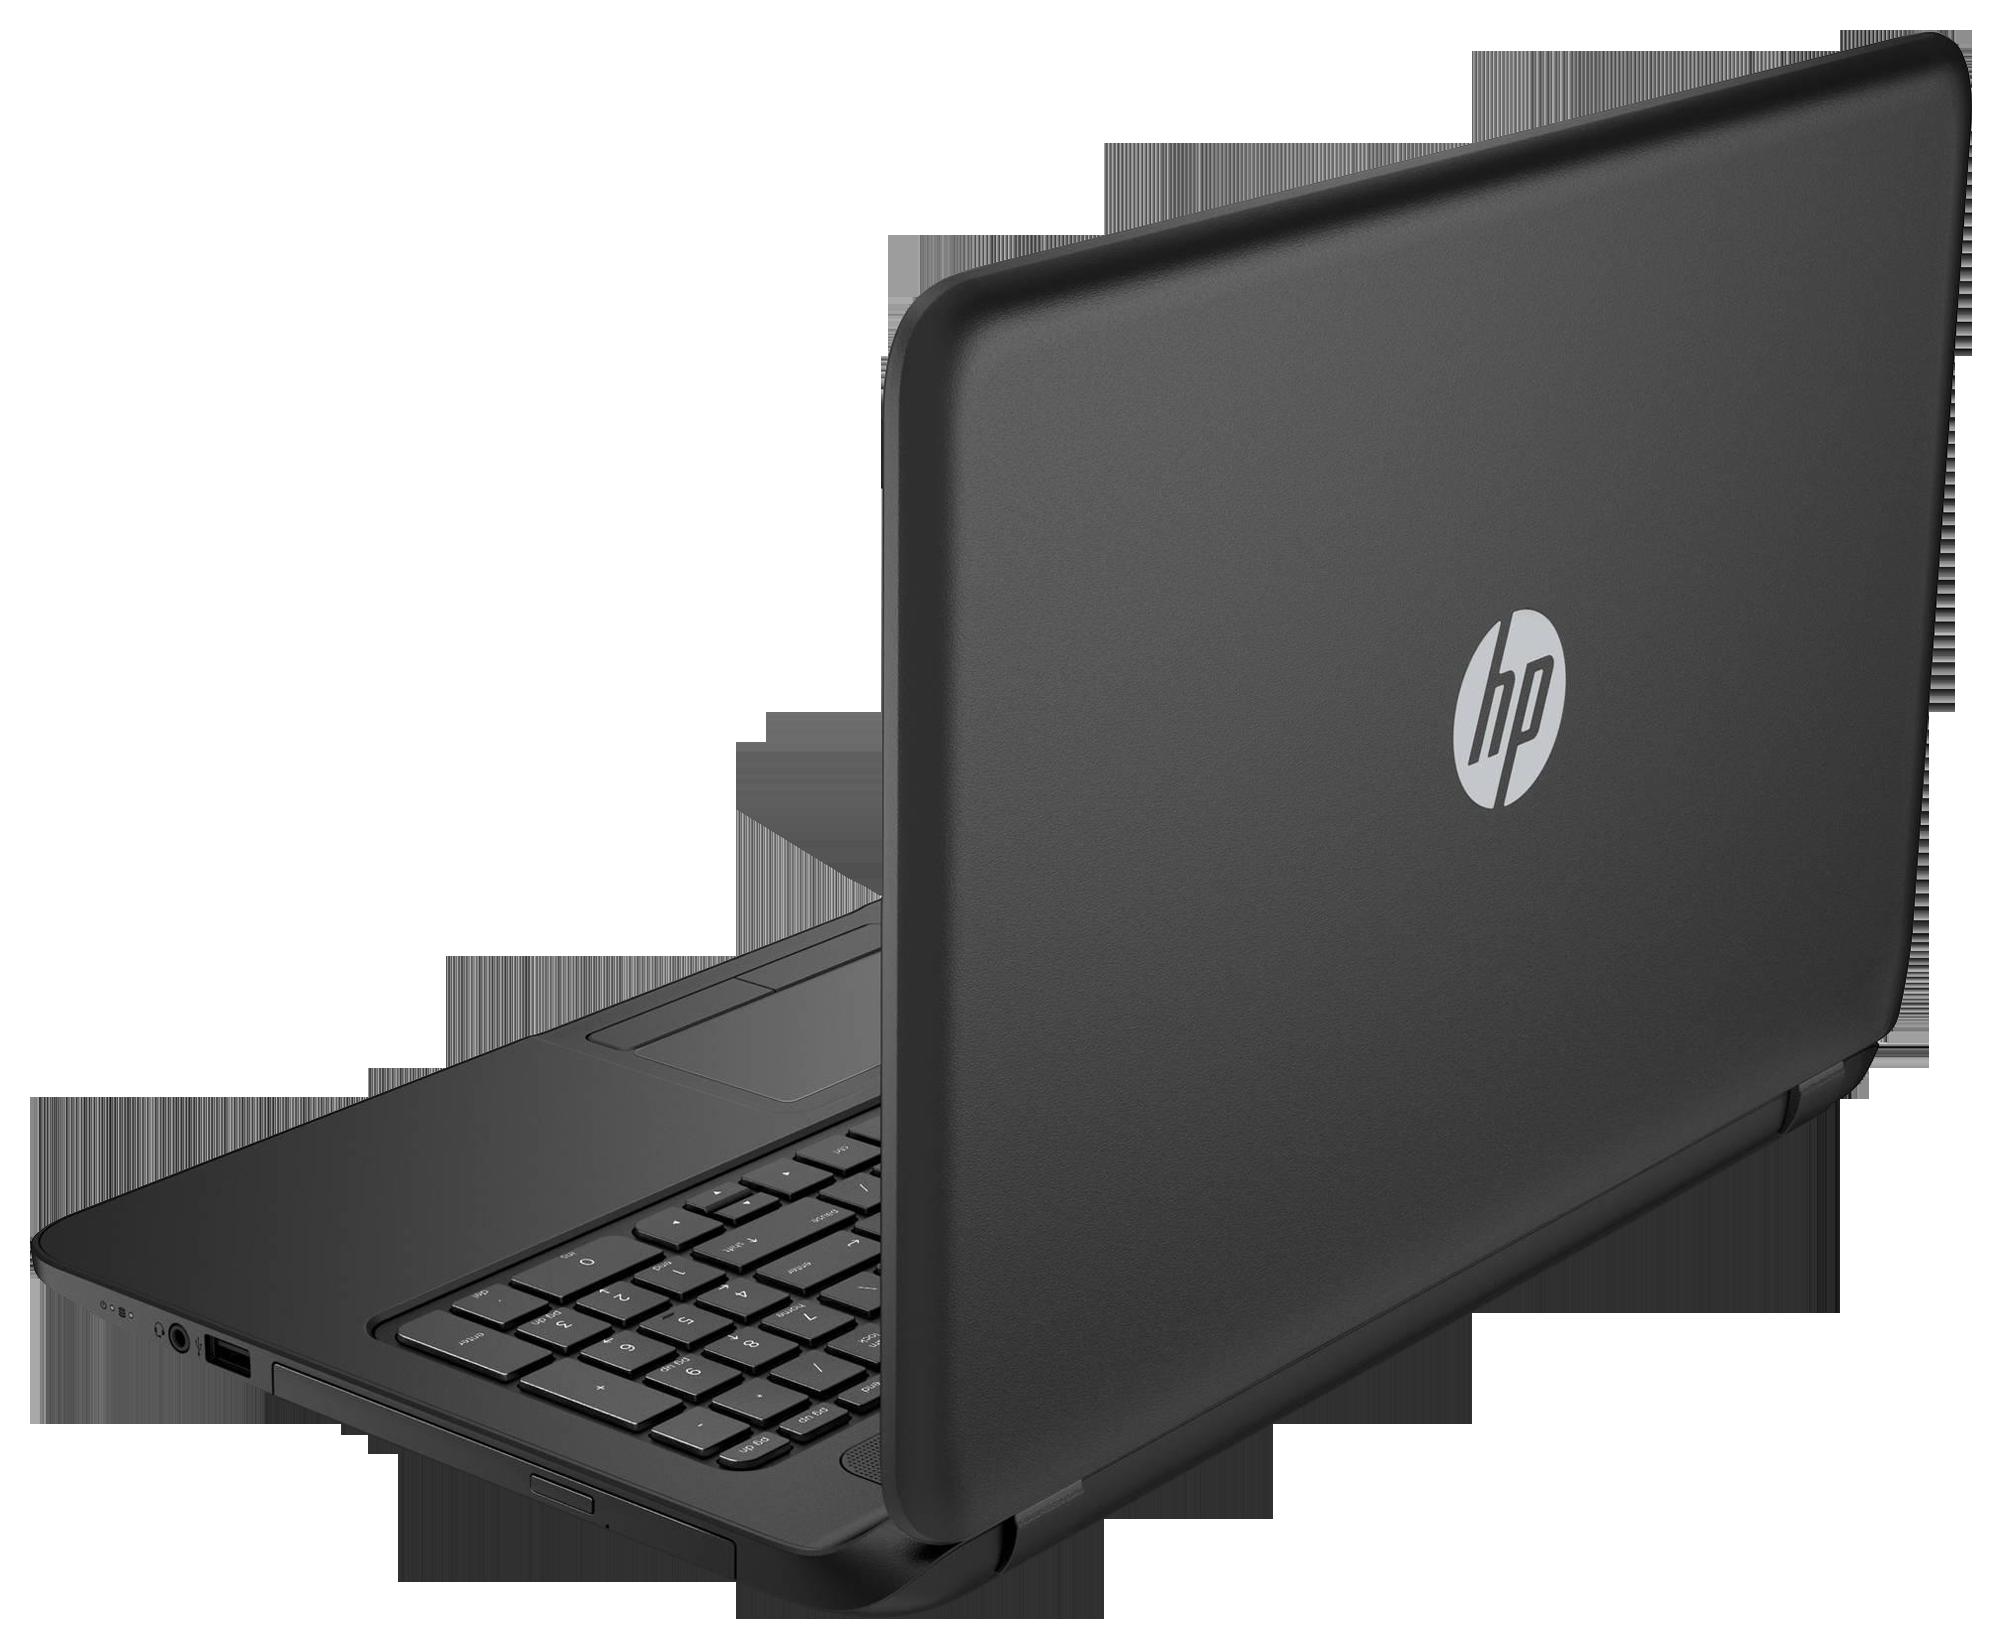 Laptop PNG HD - 143667